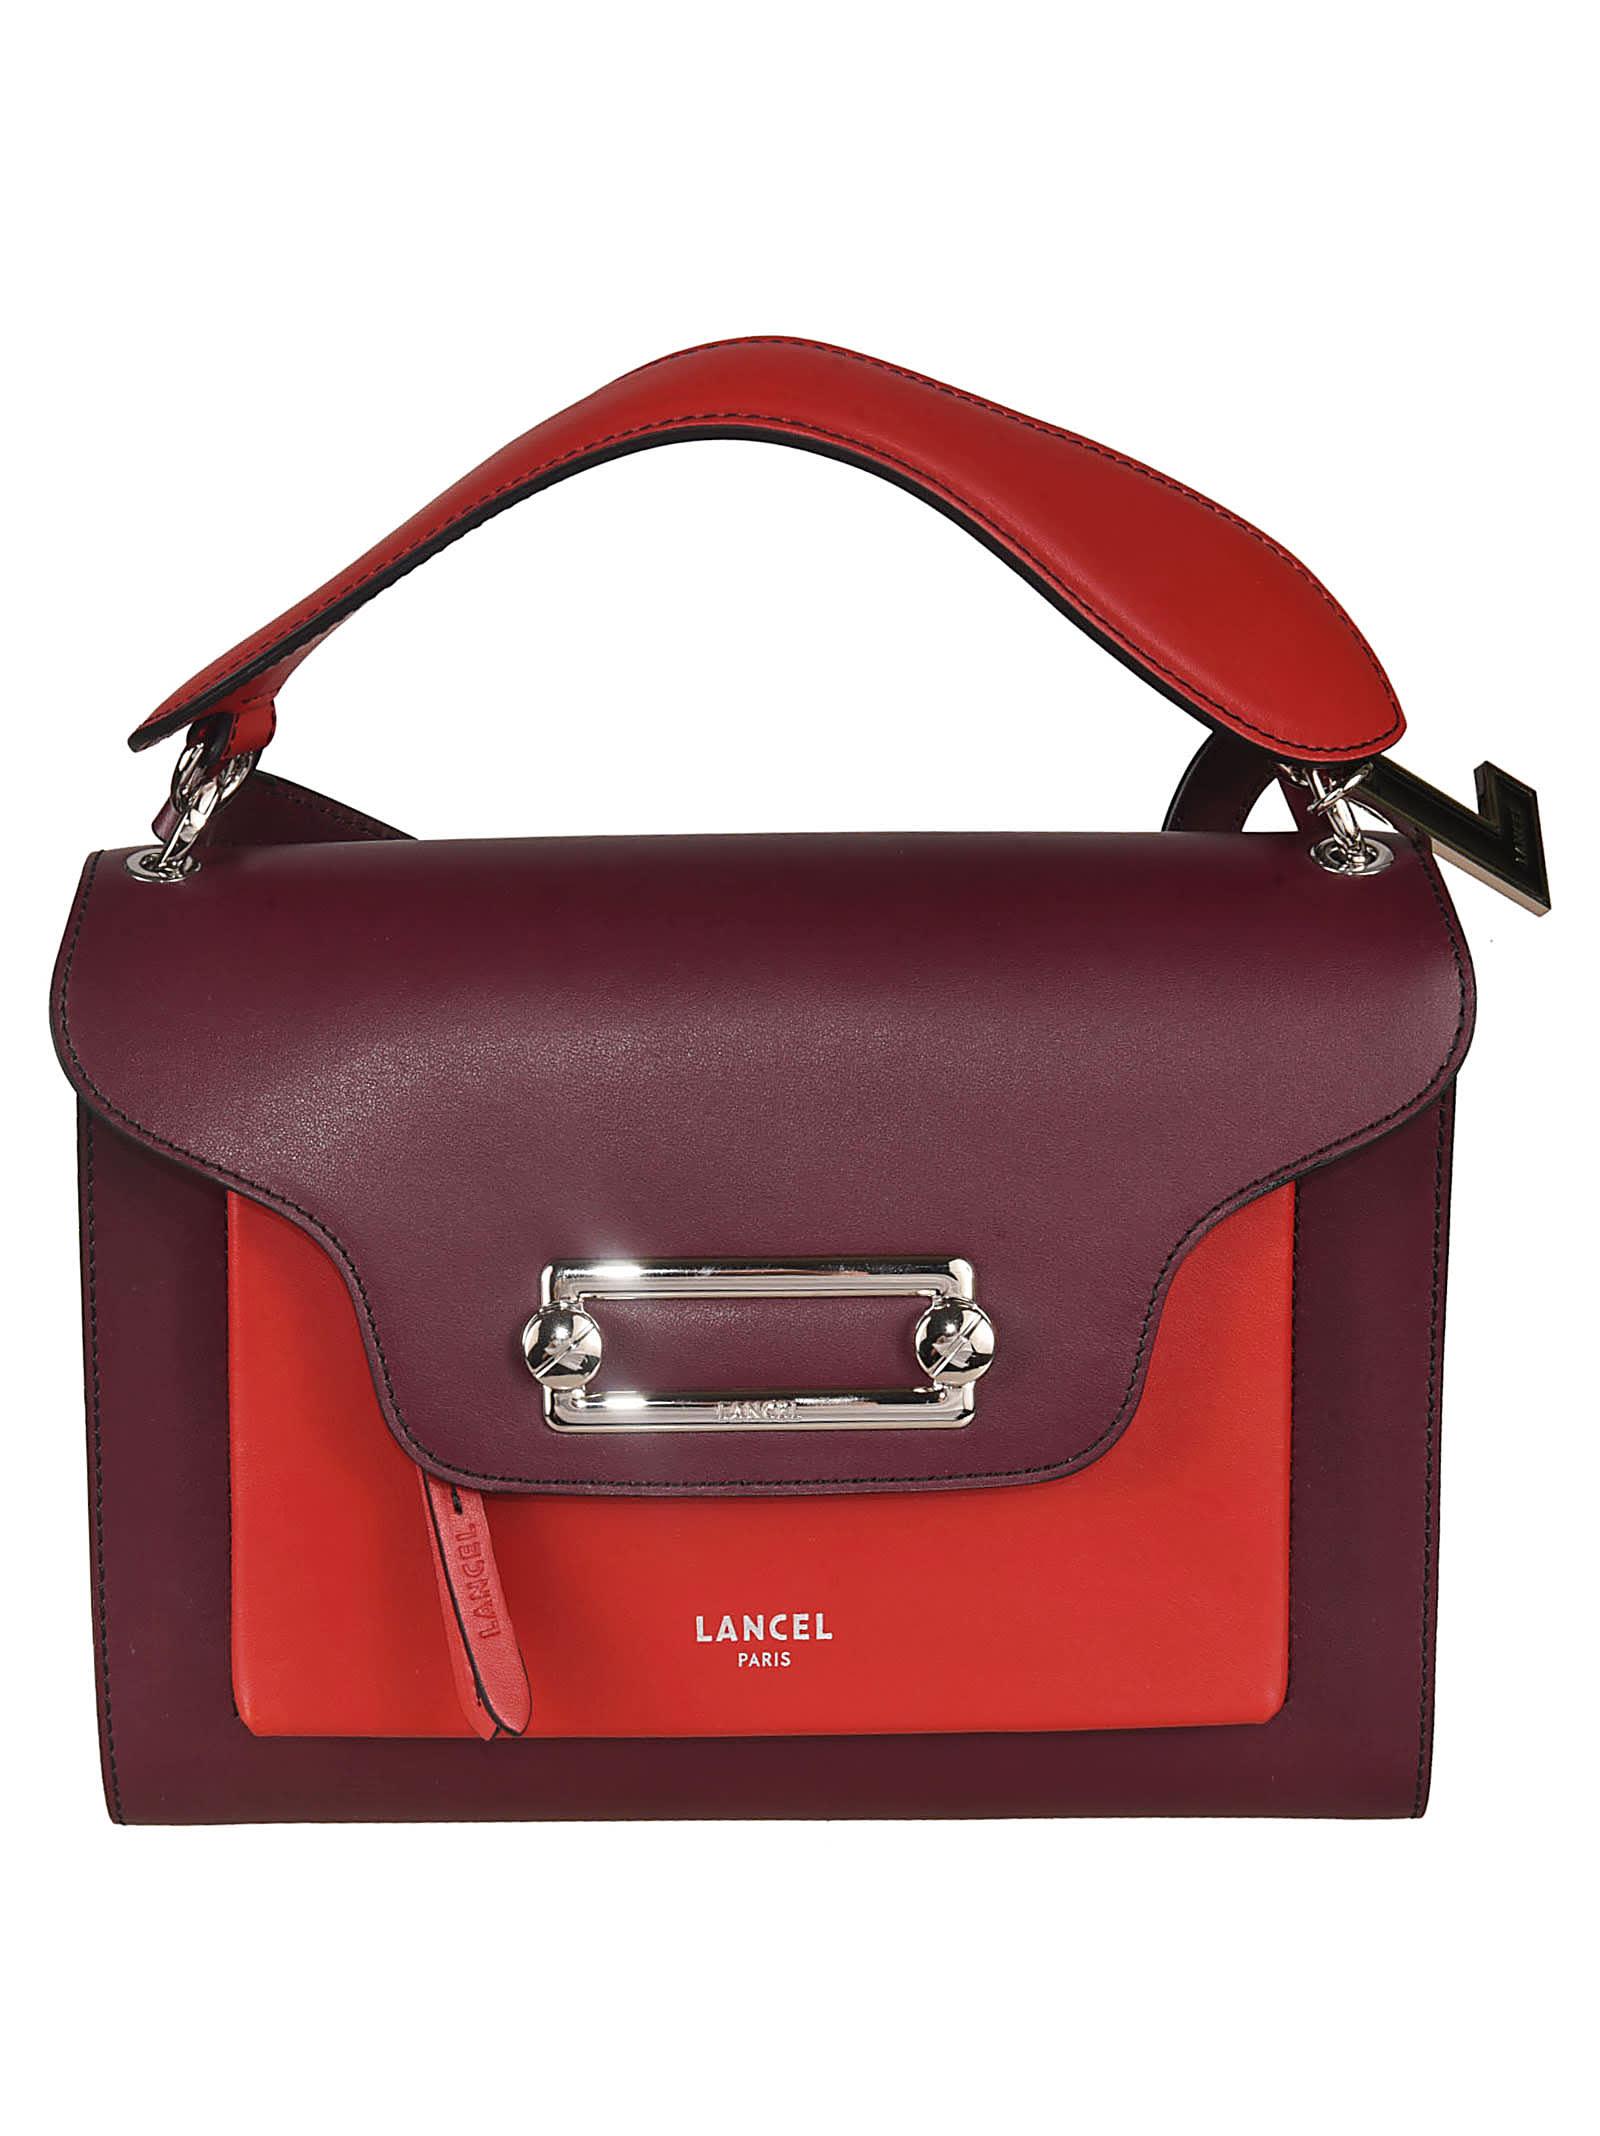 Envelope Style Shoulder Bag